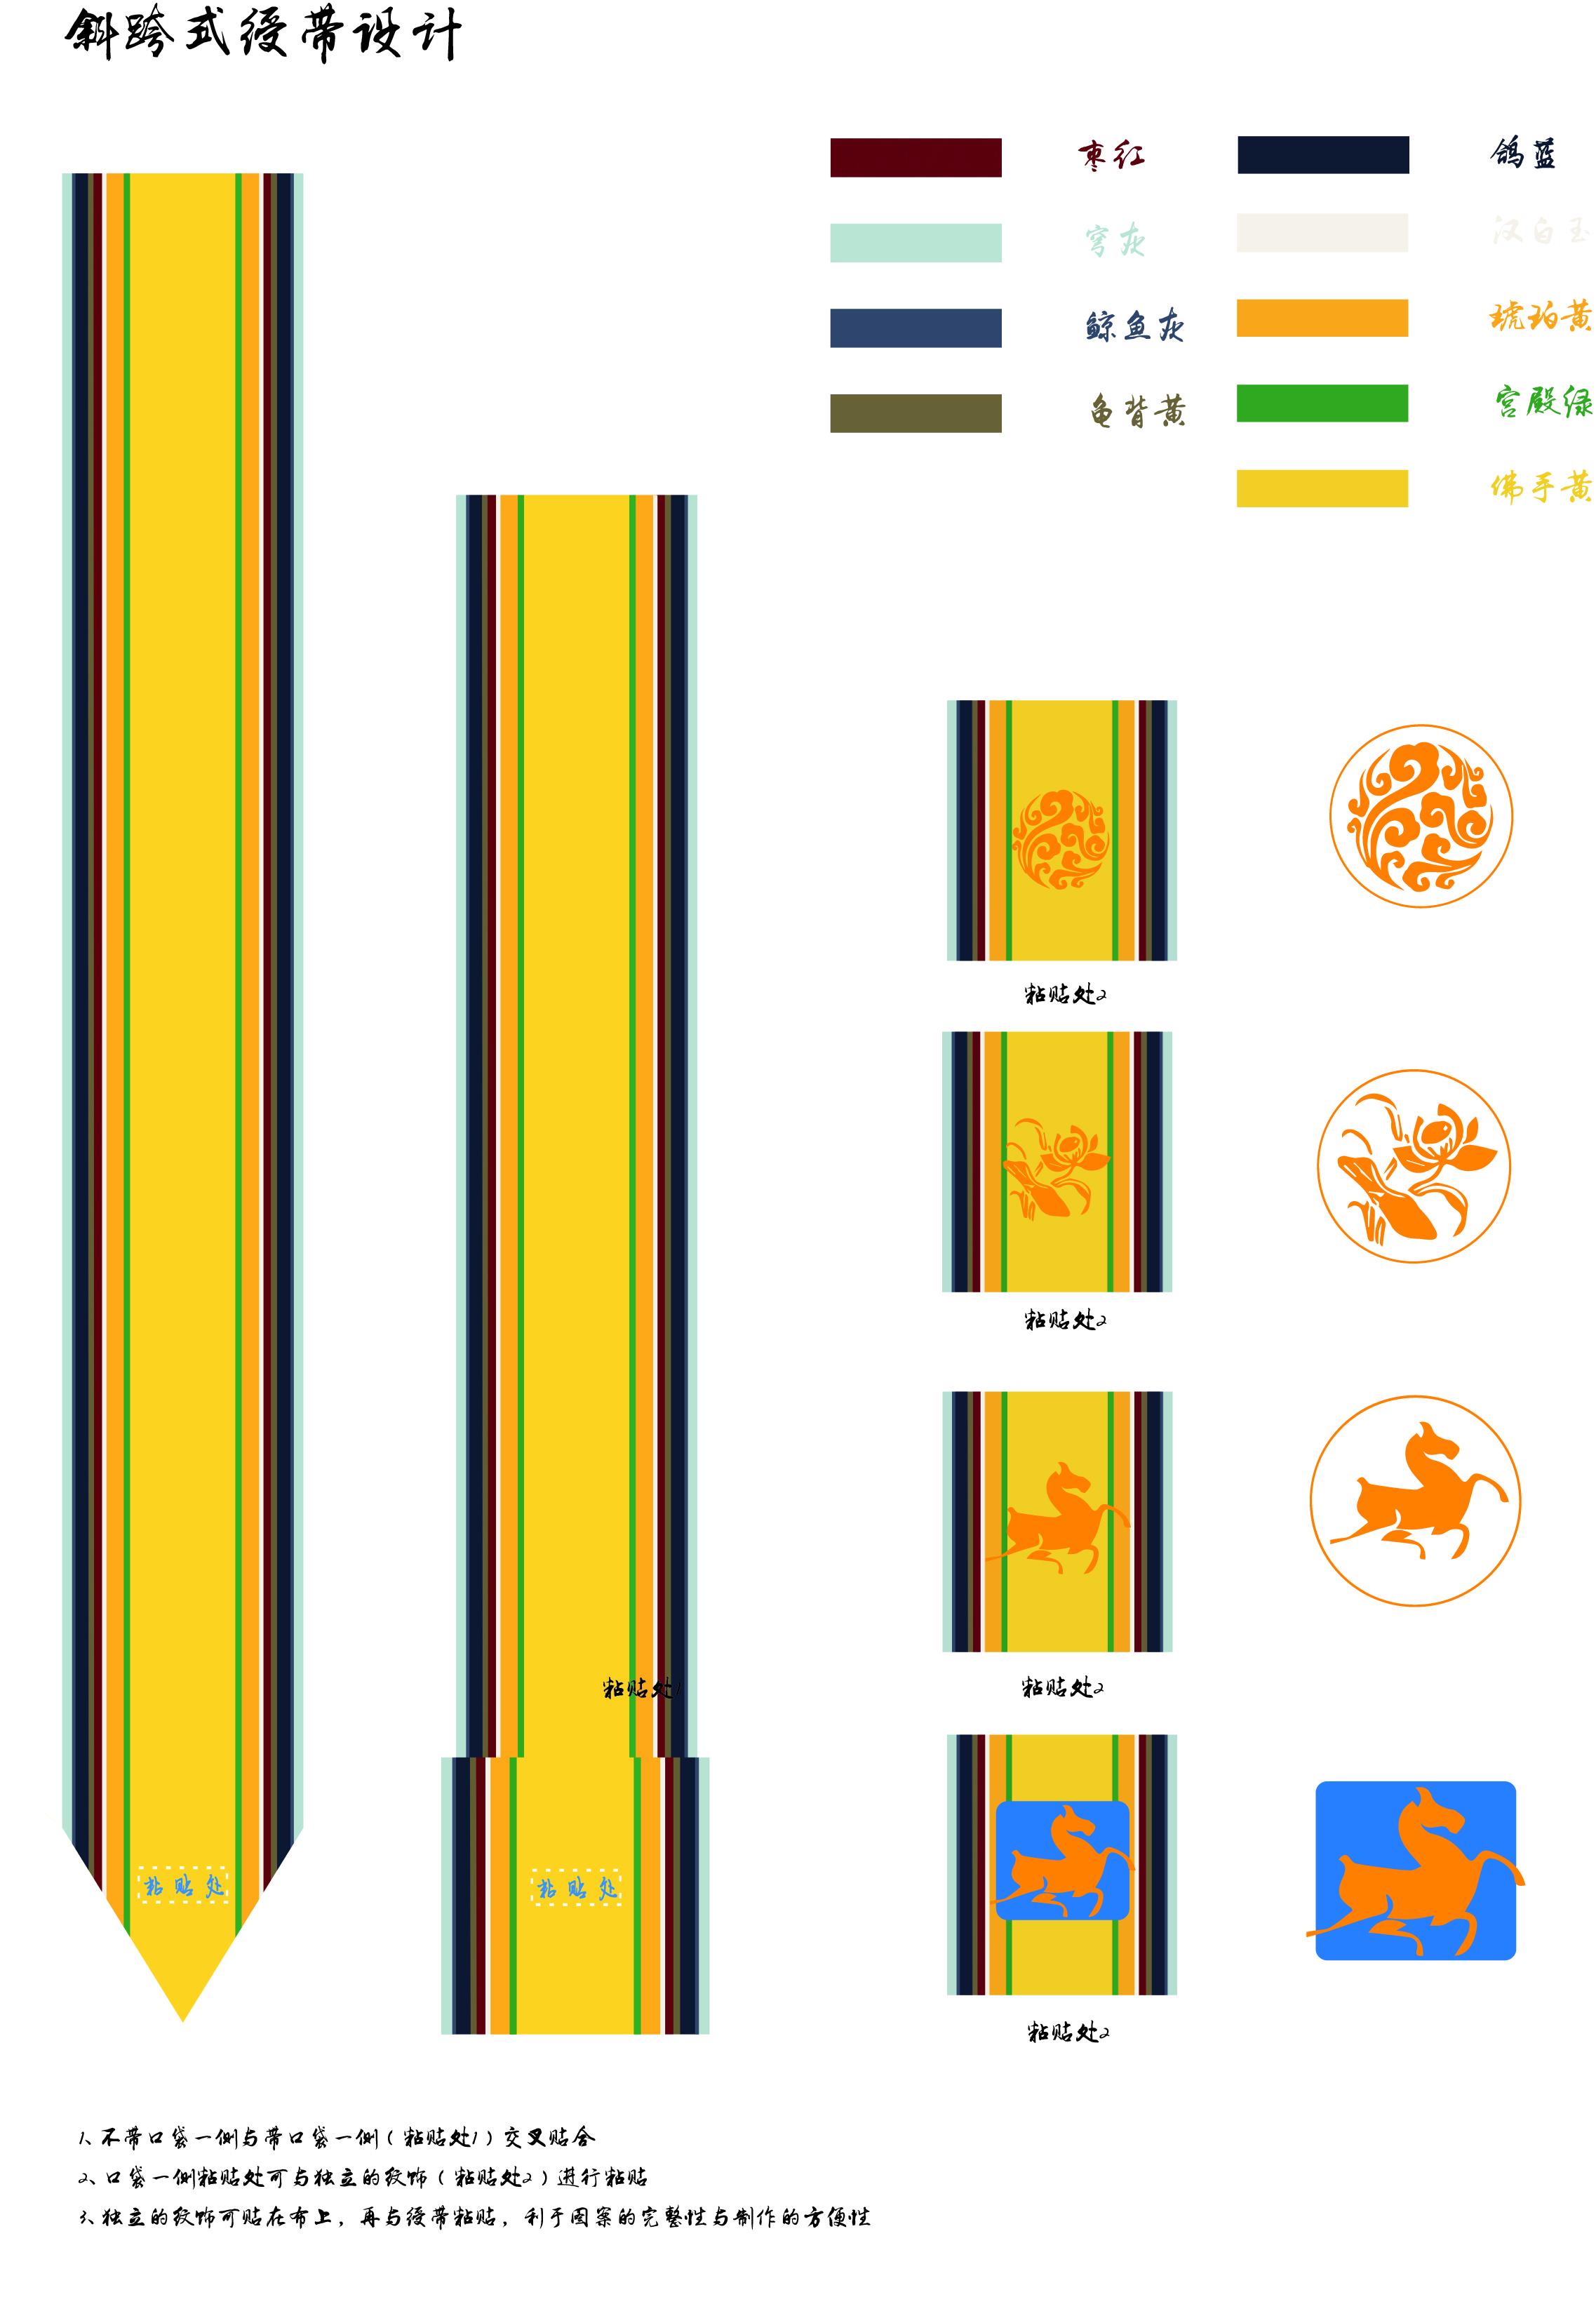 斜挎式绶带设计